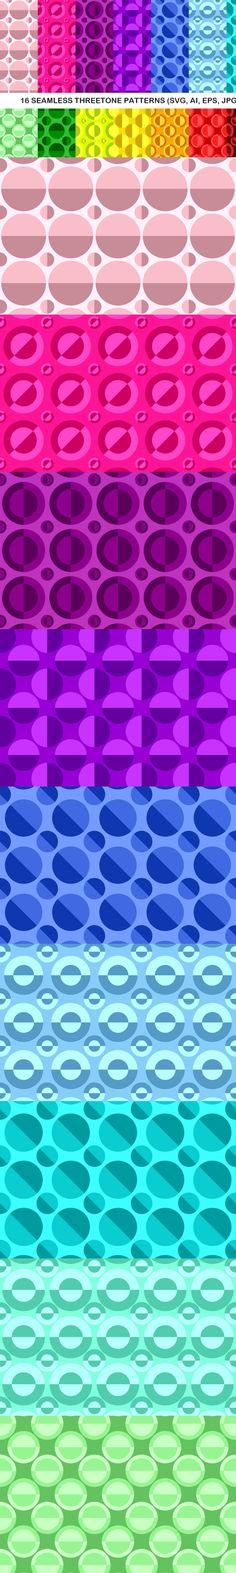 16 Seamless ThreeTone Circle Patterns #BackgroundSet #CircleDesign #circles #seamless #threetonepattern #threetonepatterns #seamlesspattern #CheapVectorBackgrounds #circle,dotpatterns #pattern #seamlesspattern #BackgroundGraphics #AbstractBackground #zydd #seamlesspatterns #repeat #BackgroundCollection #geometry #monochromepatterns